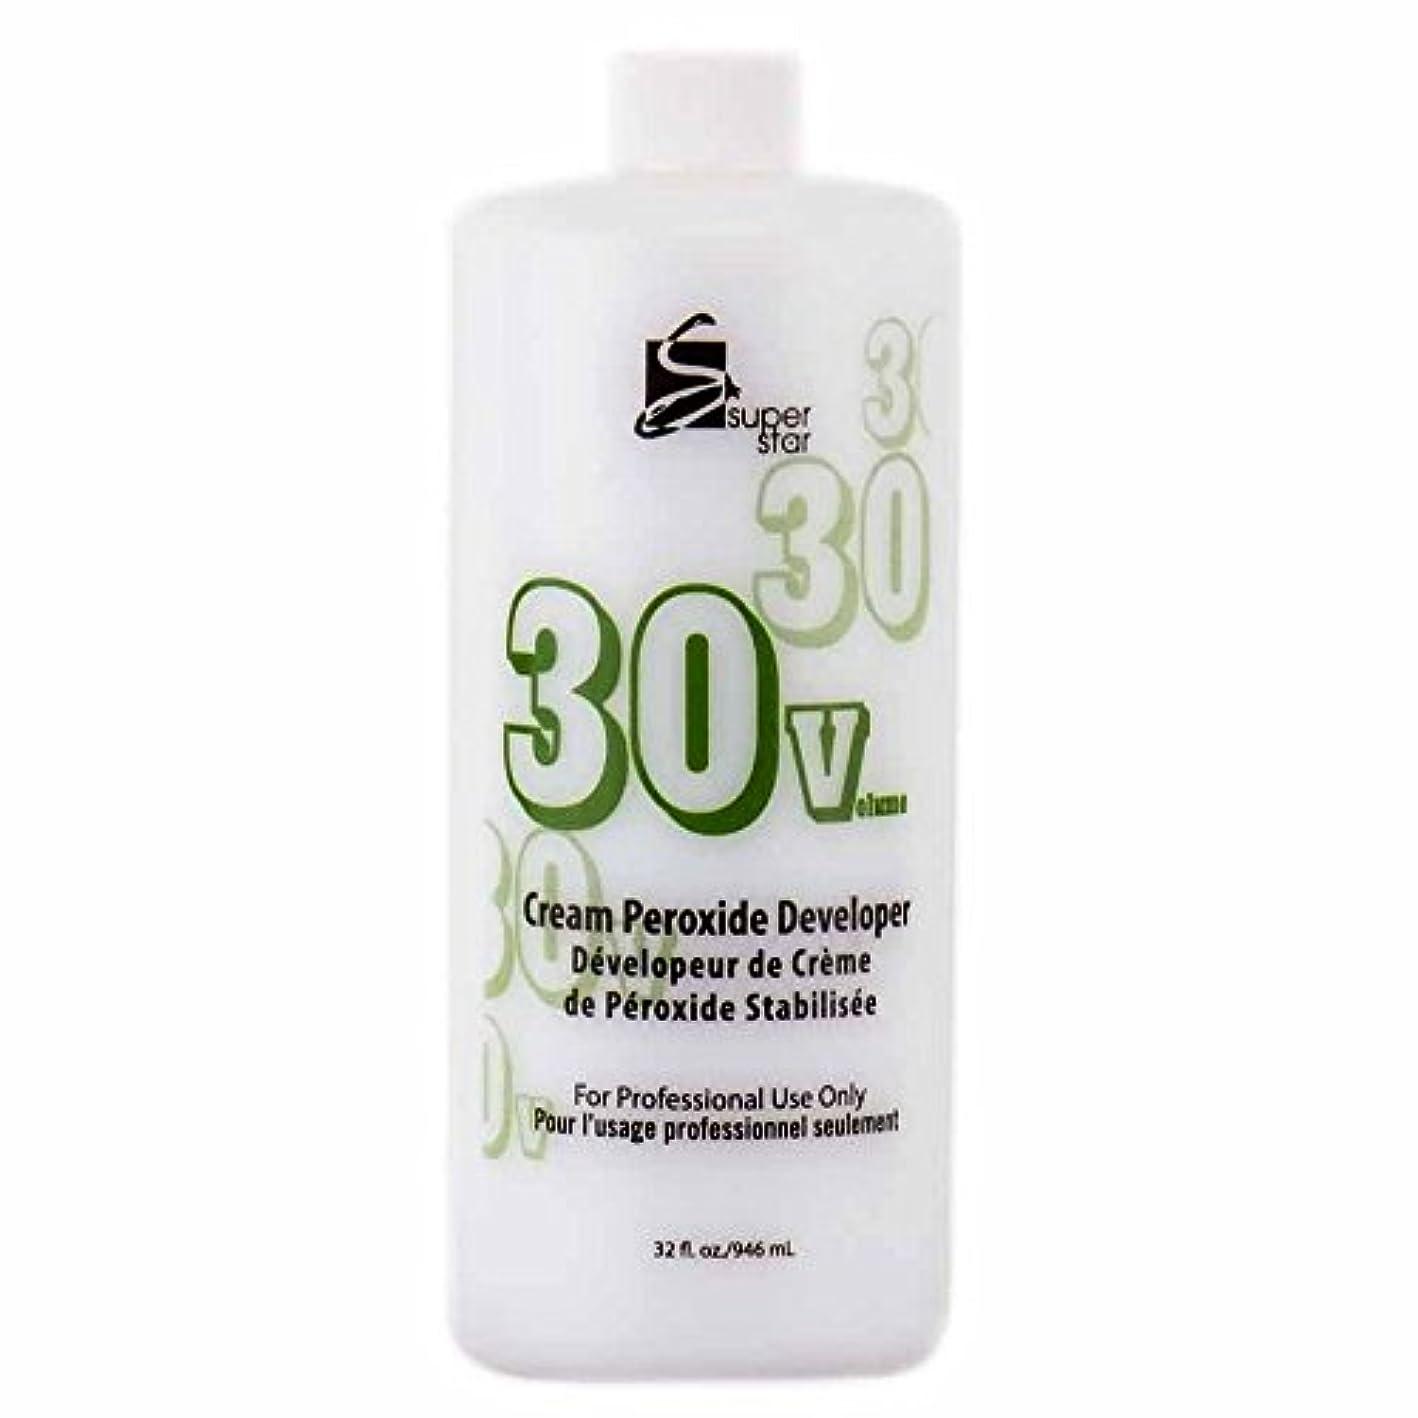 間接的パトロン付属品SUPER STAR Stabilized Cream Peroxide Developer 30V HC-50303 by Superstar